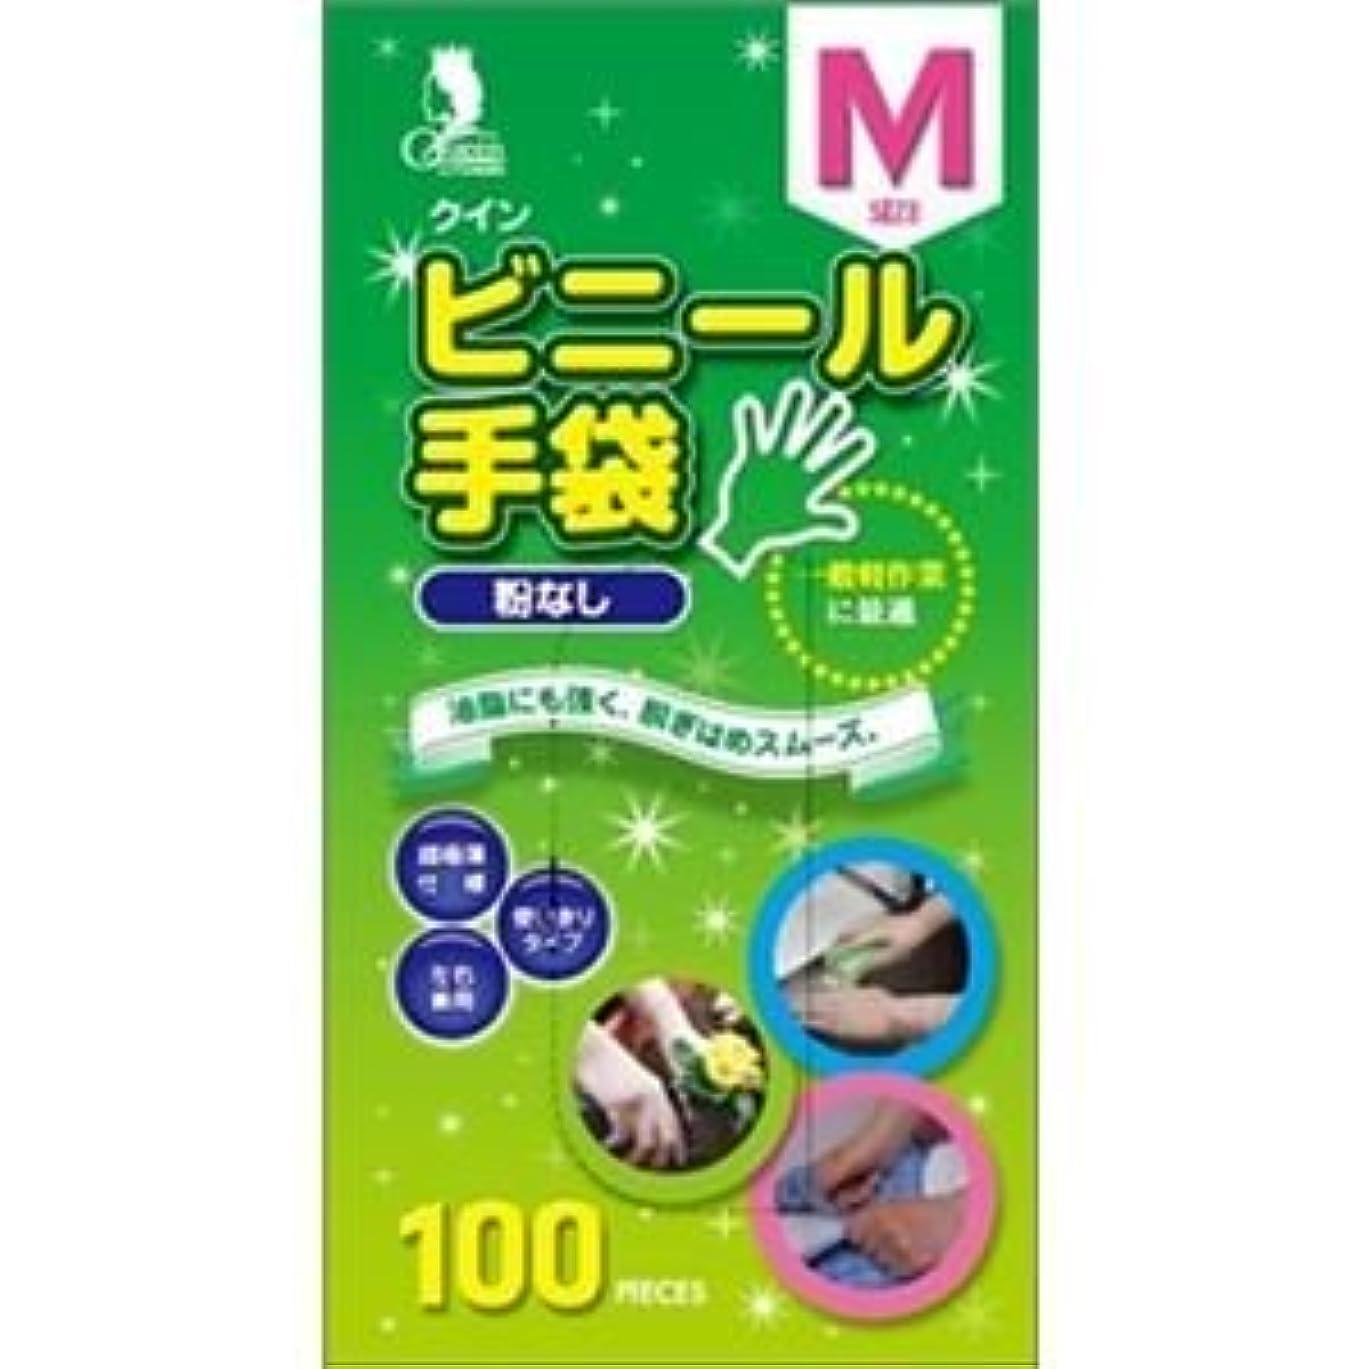 大学生我慢するパイ(まとめ)宇都宮製作 クインビニール手袋100枚入 M (N) 【×3点セット】